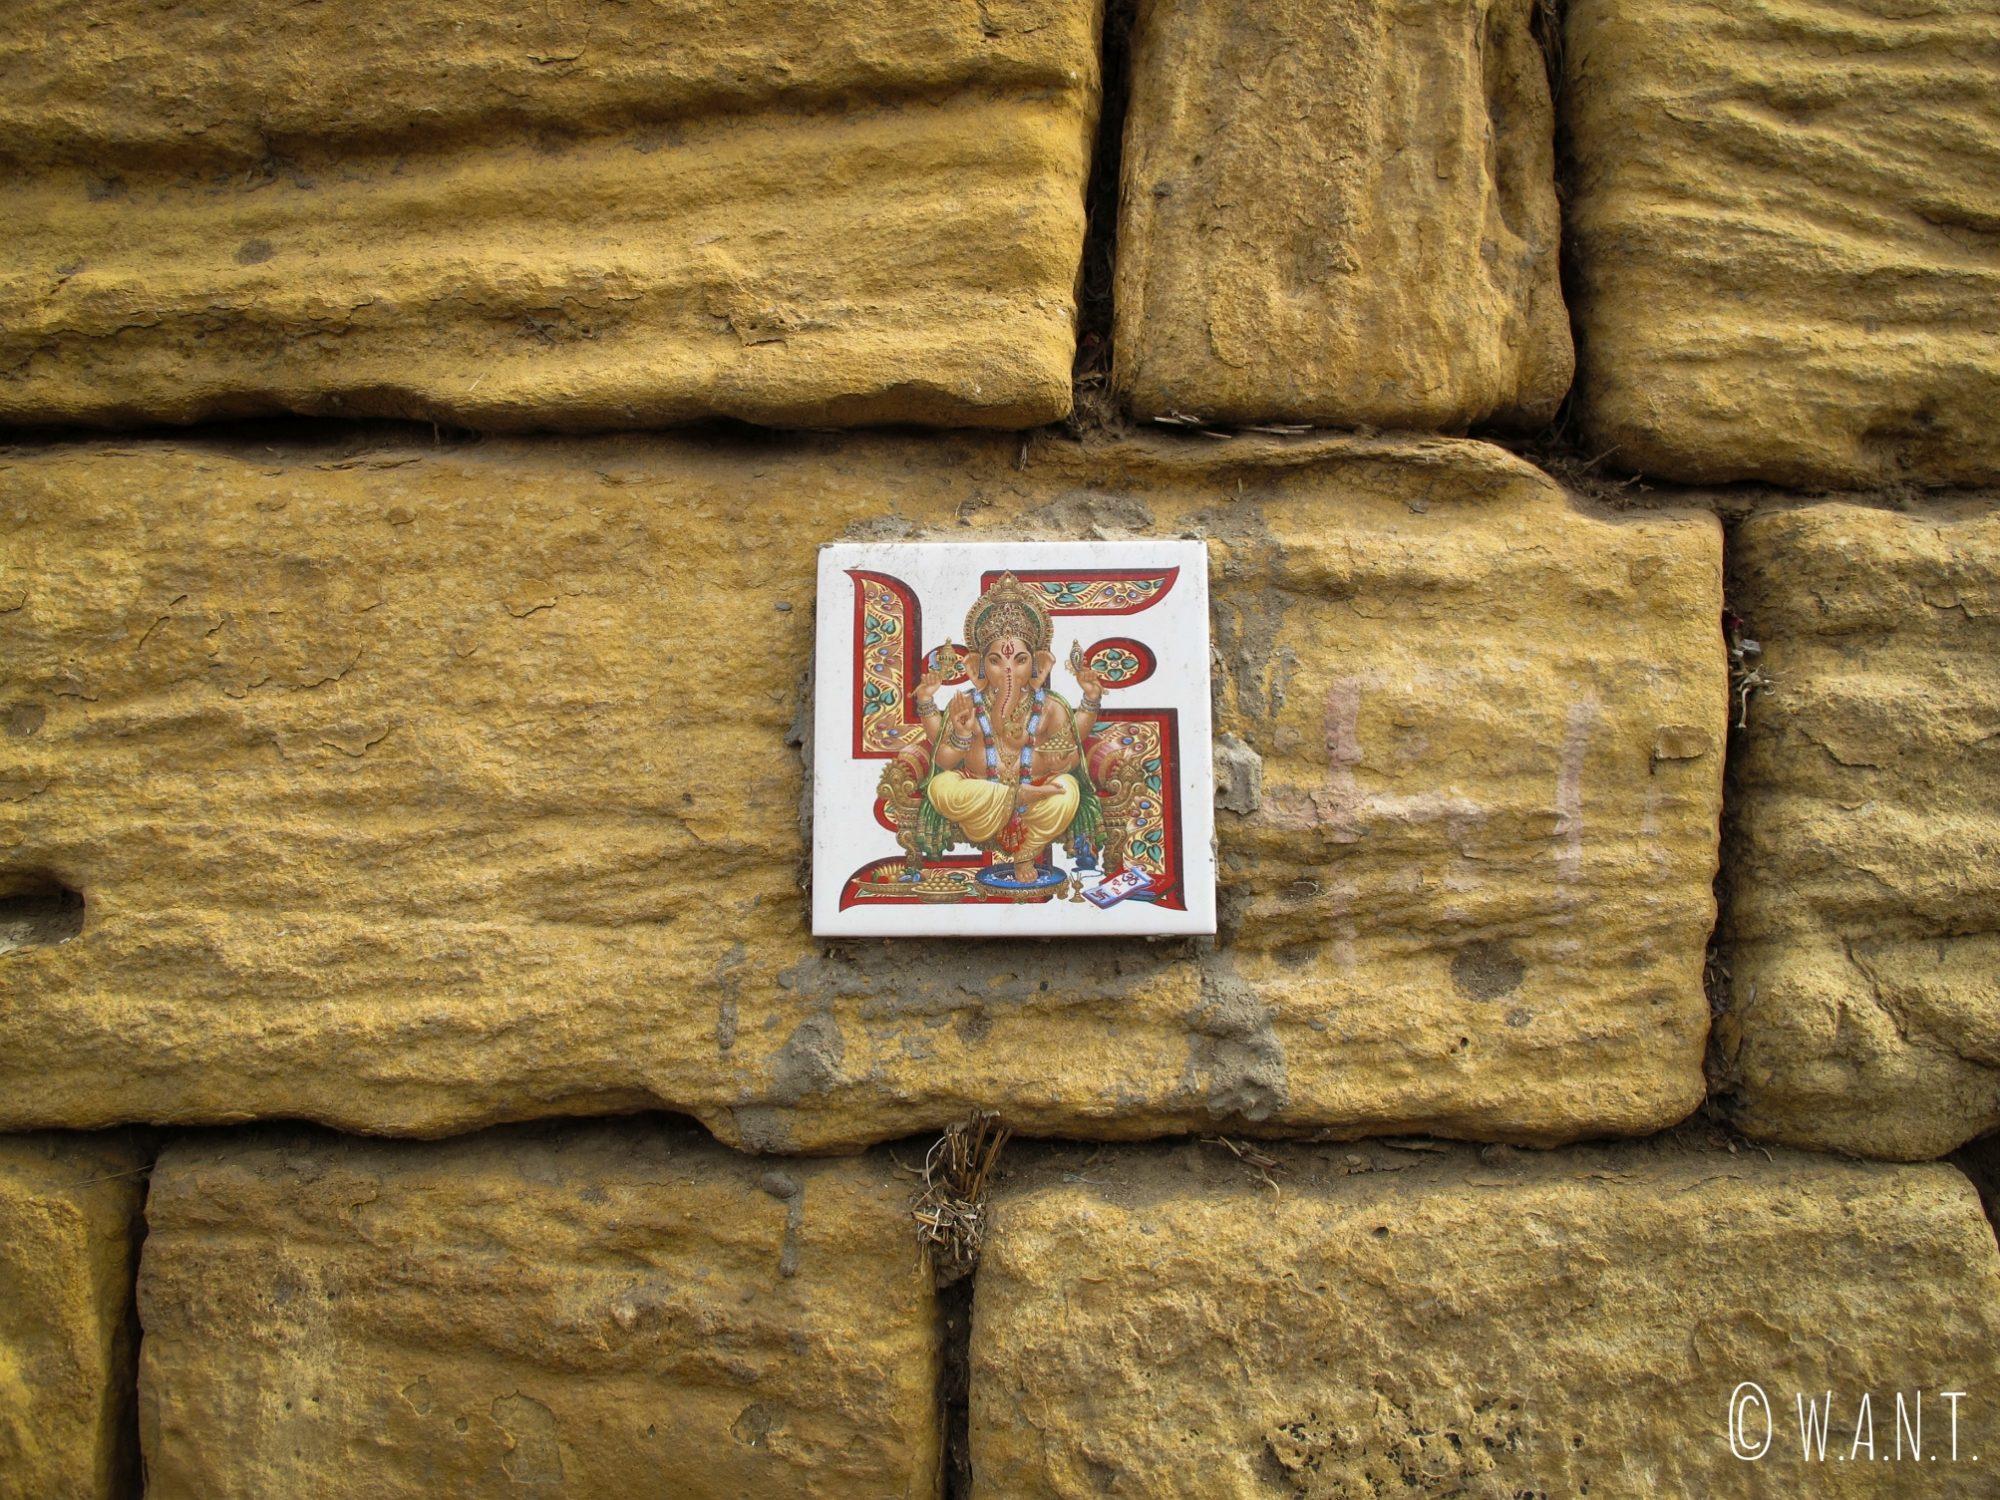 Sur un mur jouxtant le fort, un carreau représente Ganesh et son svastika